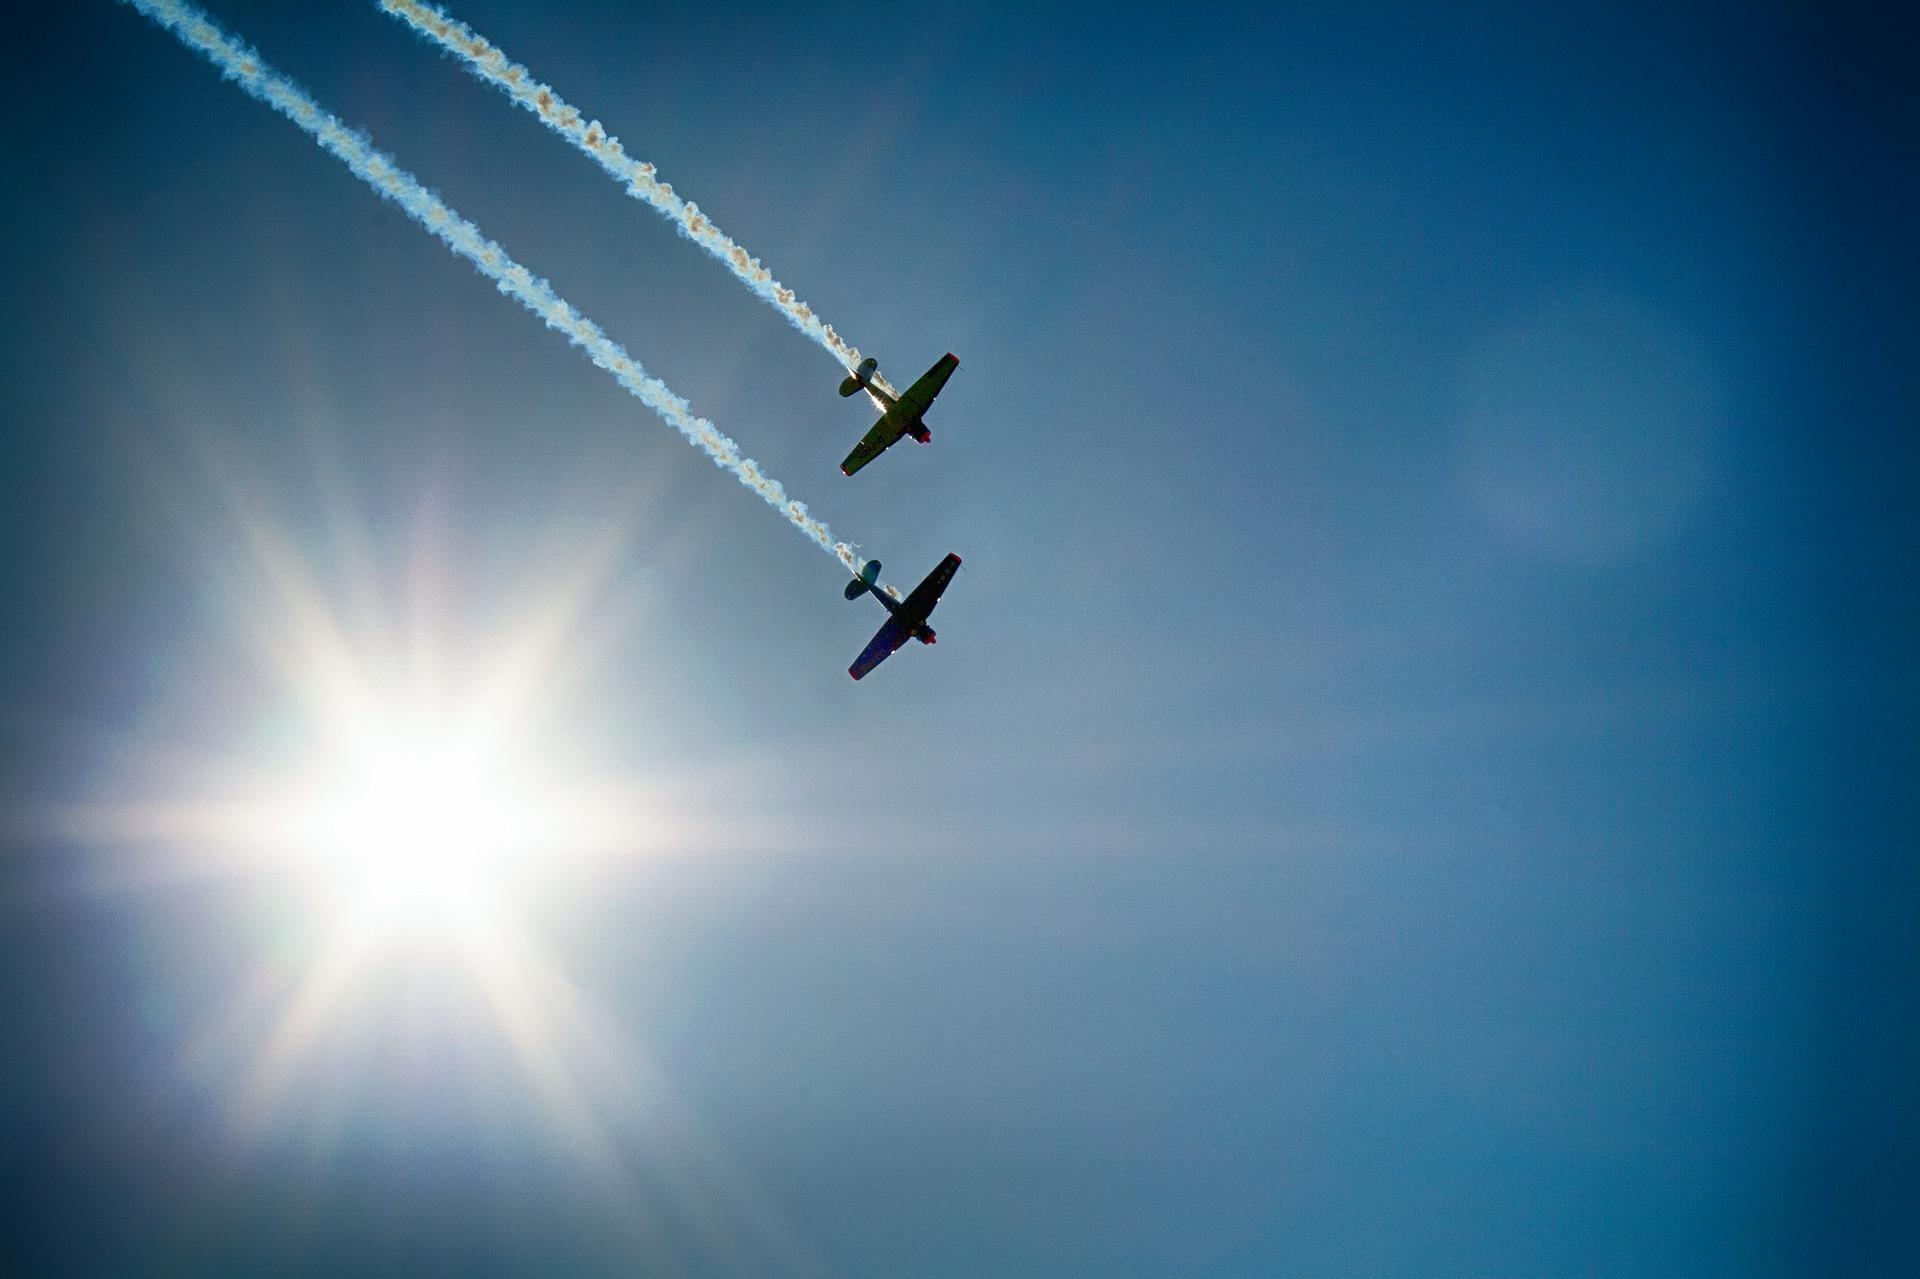 Salon aéronautique Aero India 2019 du 20 au 24 février